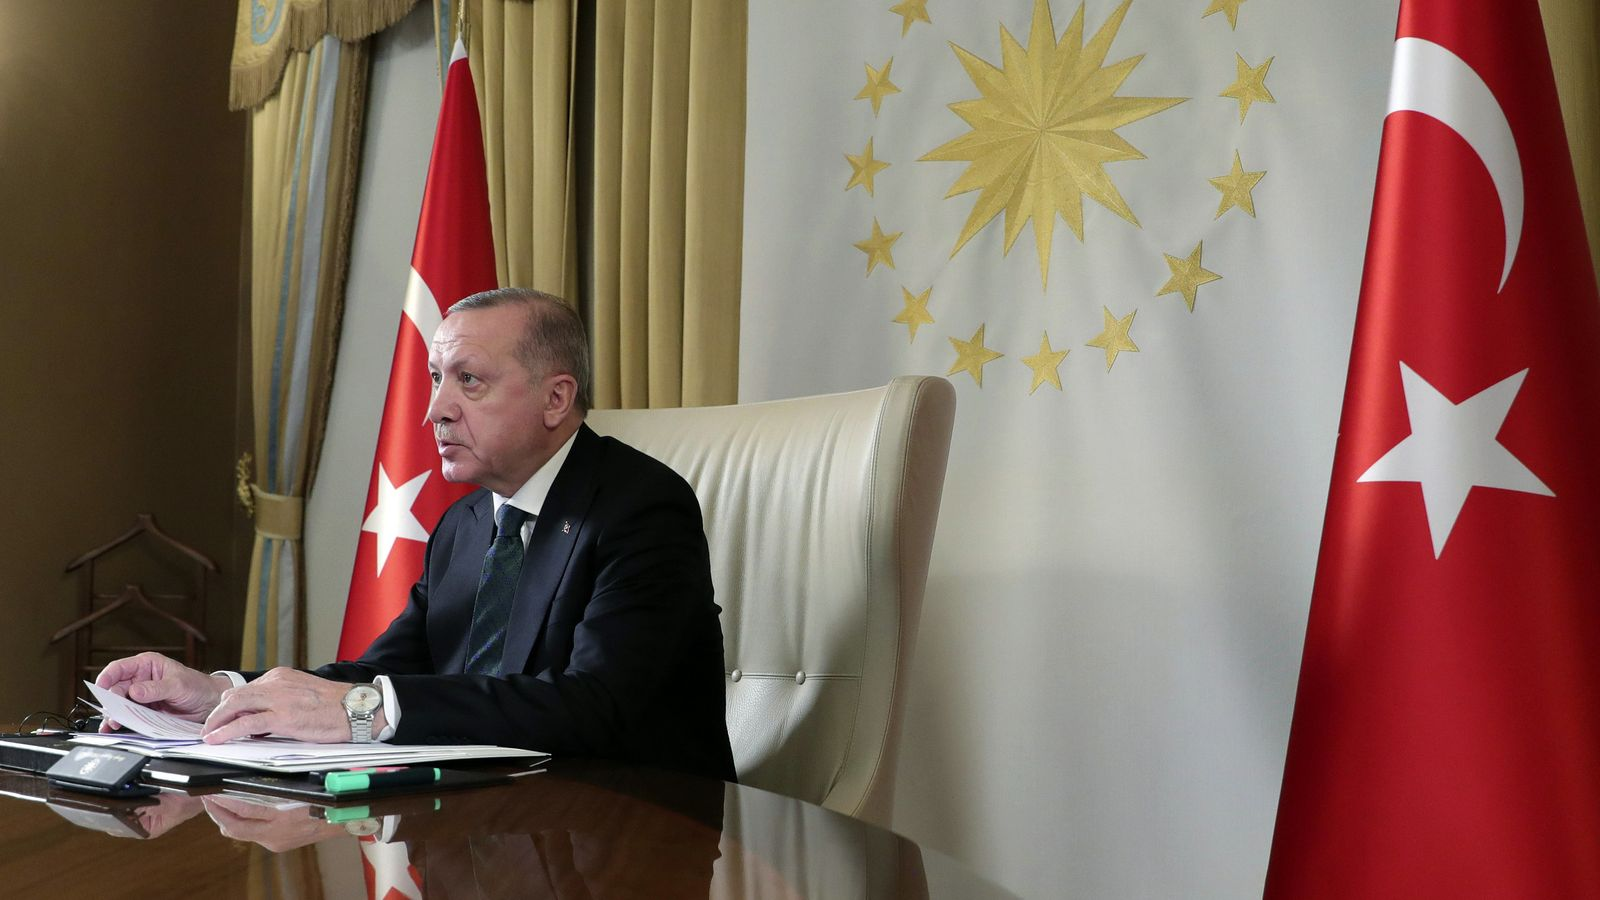 Flüchtlingspolitik in Corona-Zeiten: EU berät mit Erdogan